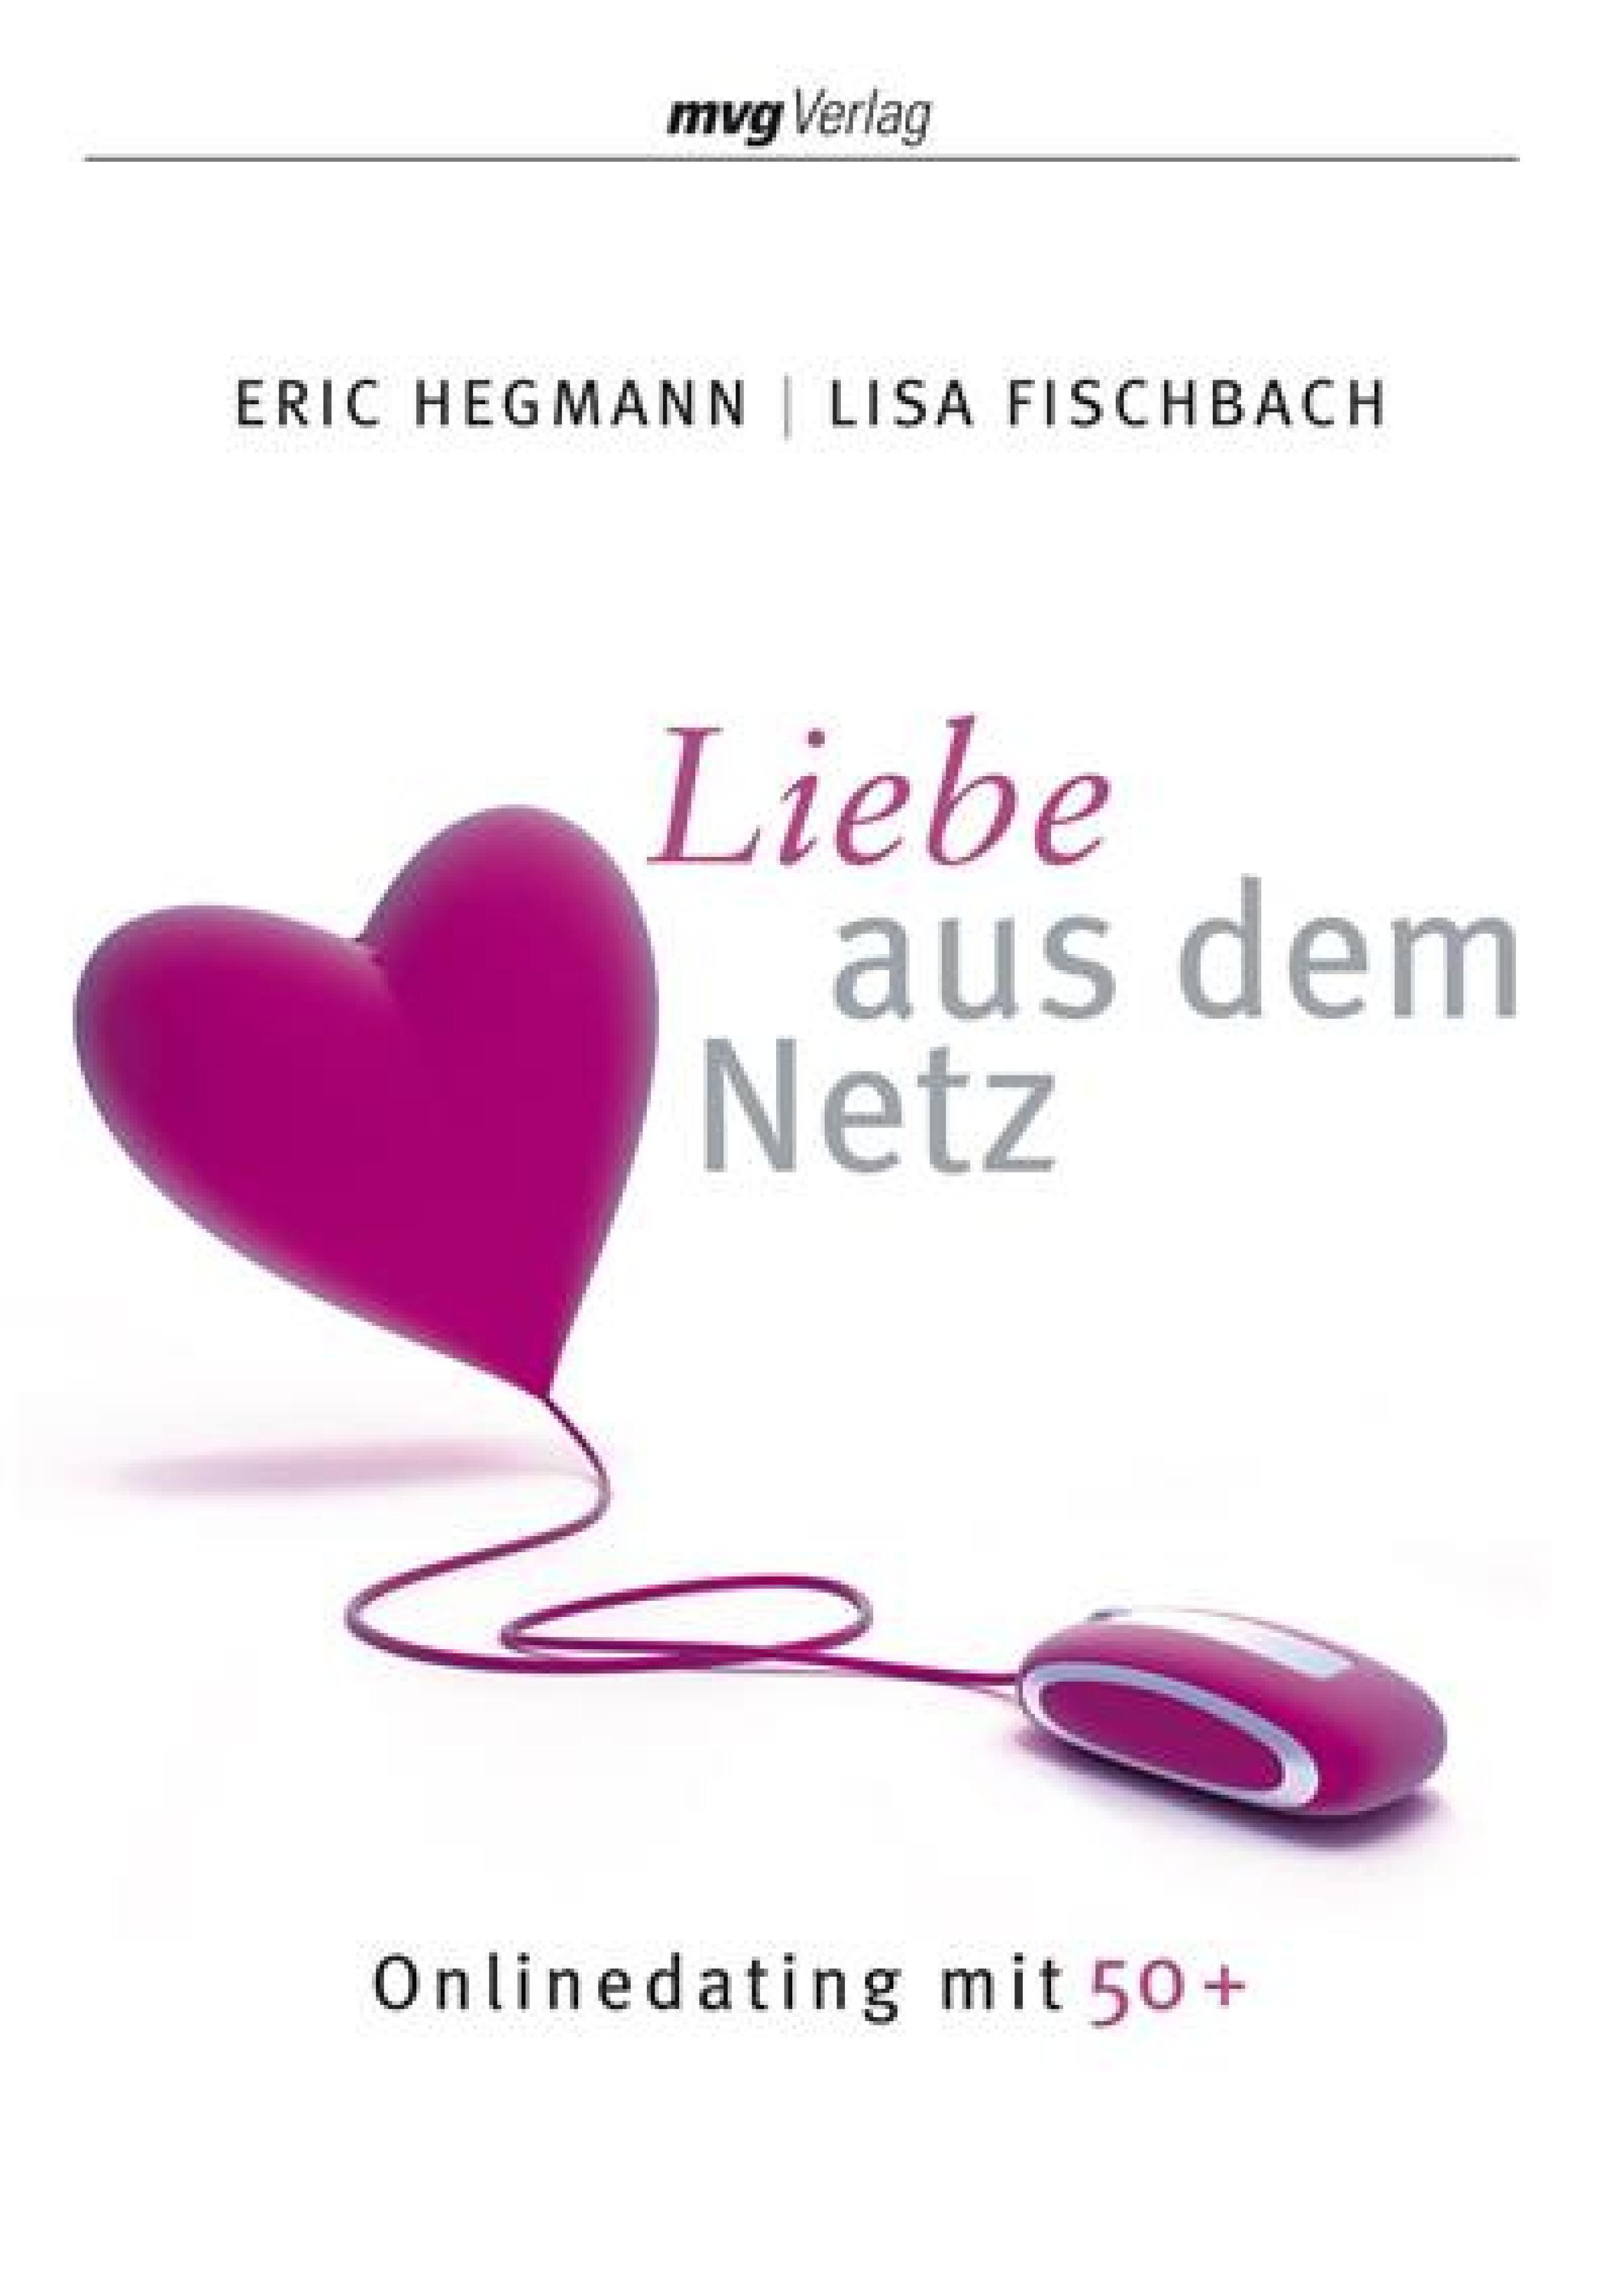 Eric hegmann dating website